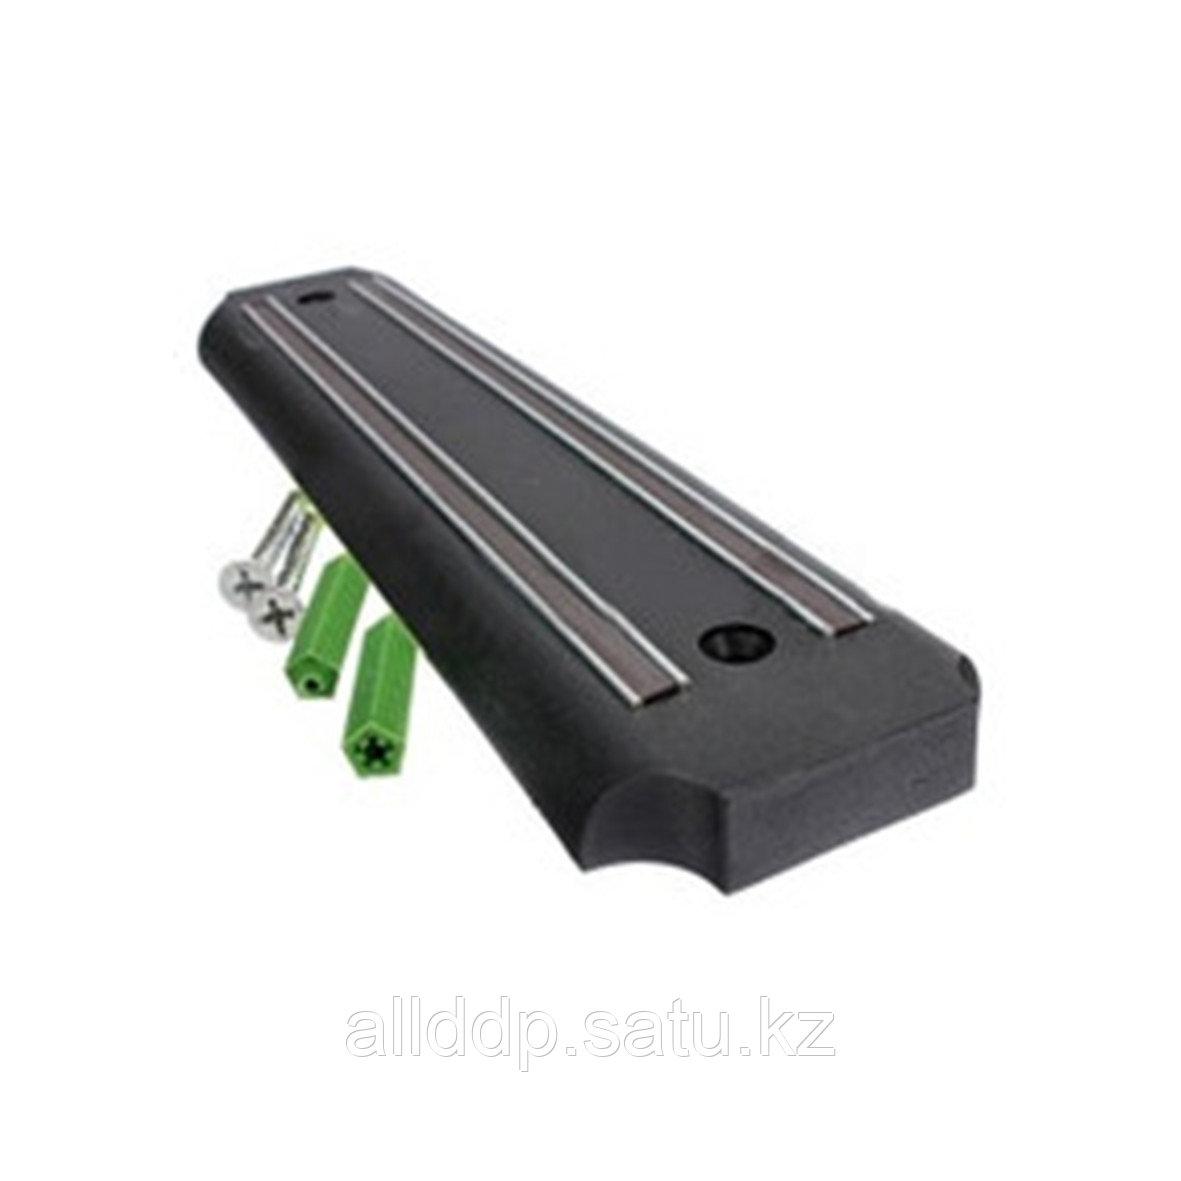 Профессиональный магнитный держатель для ножей, 40 см